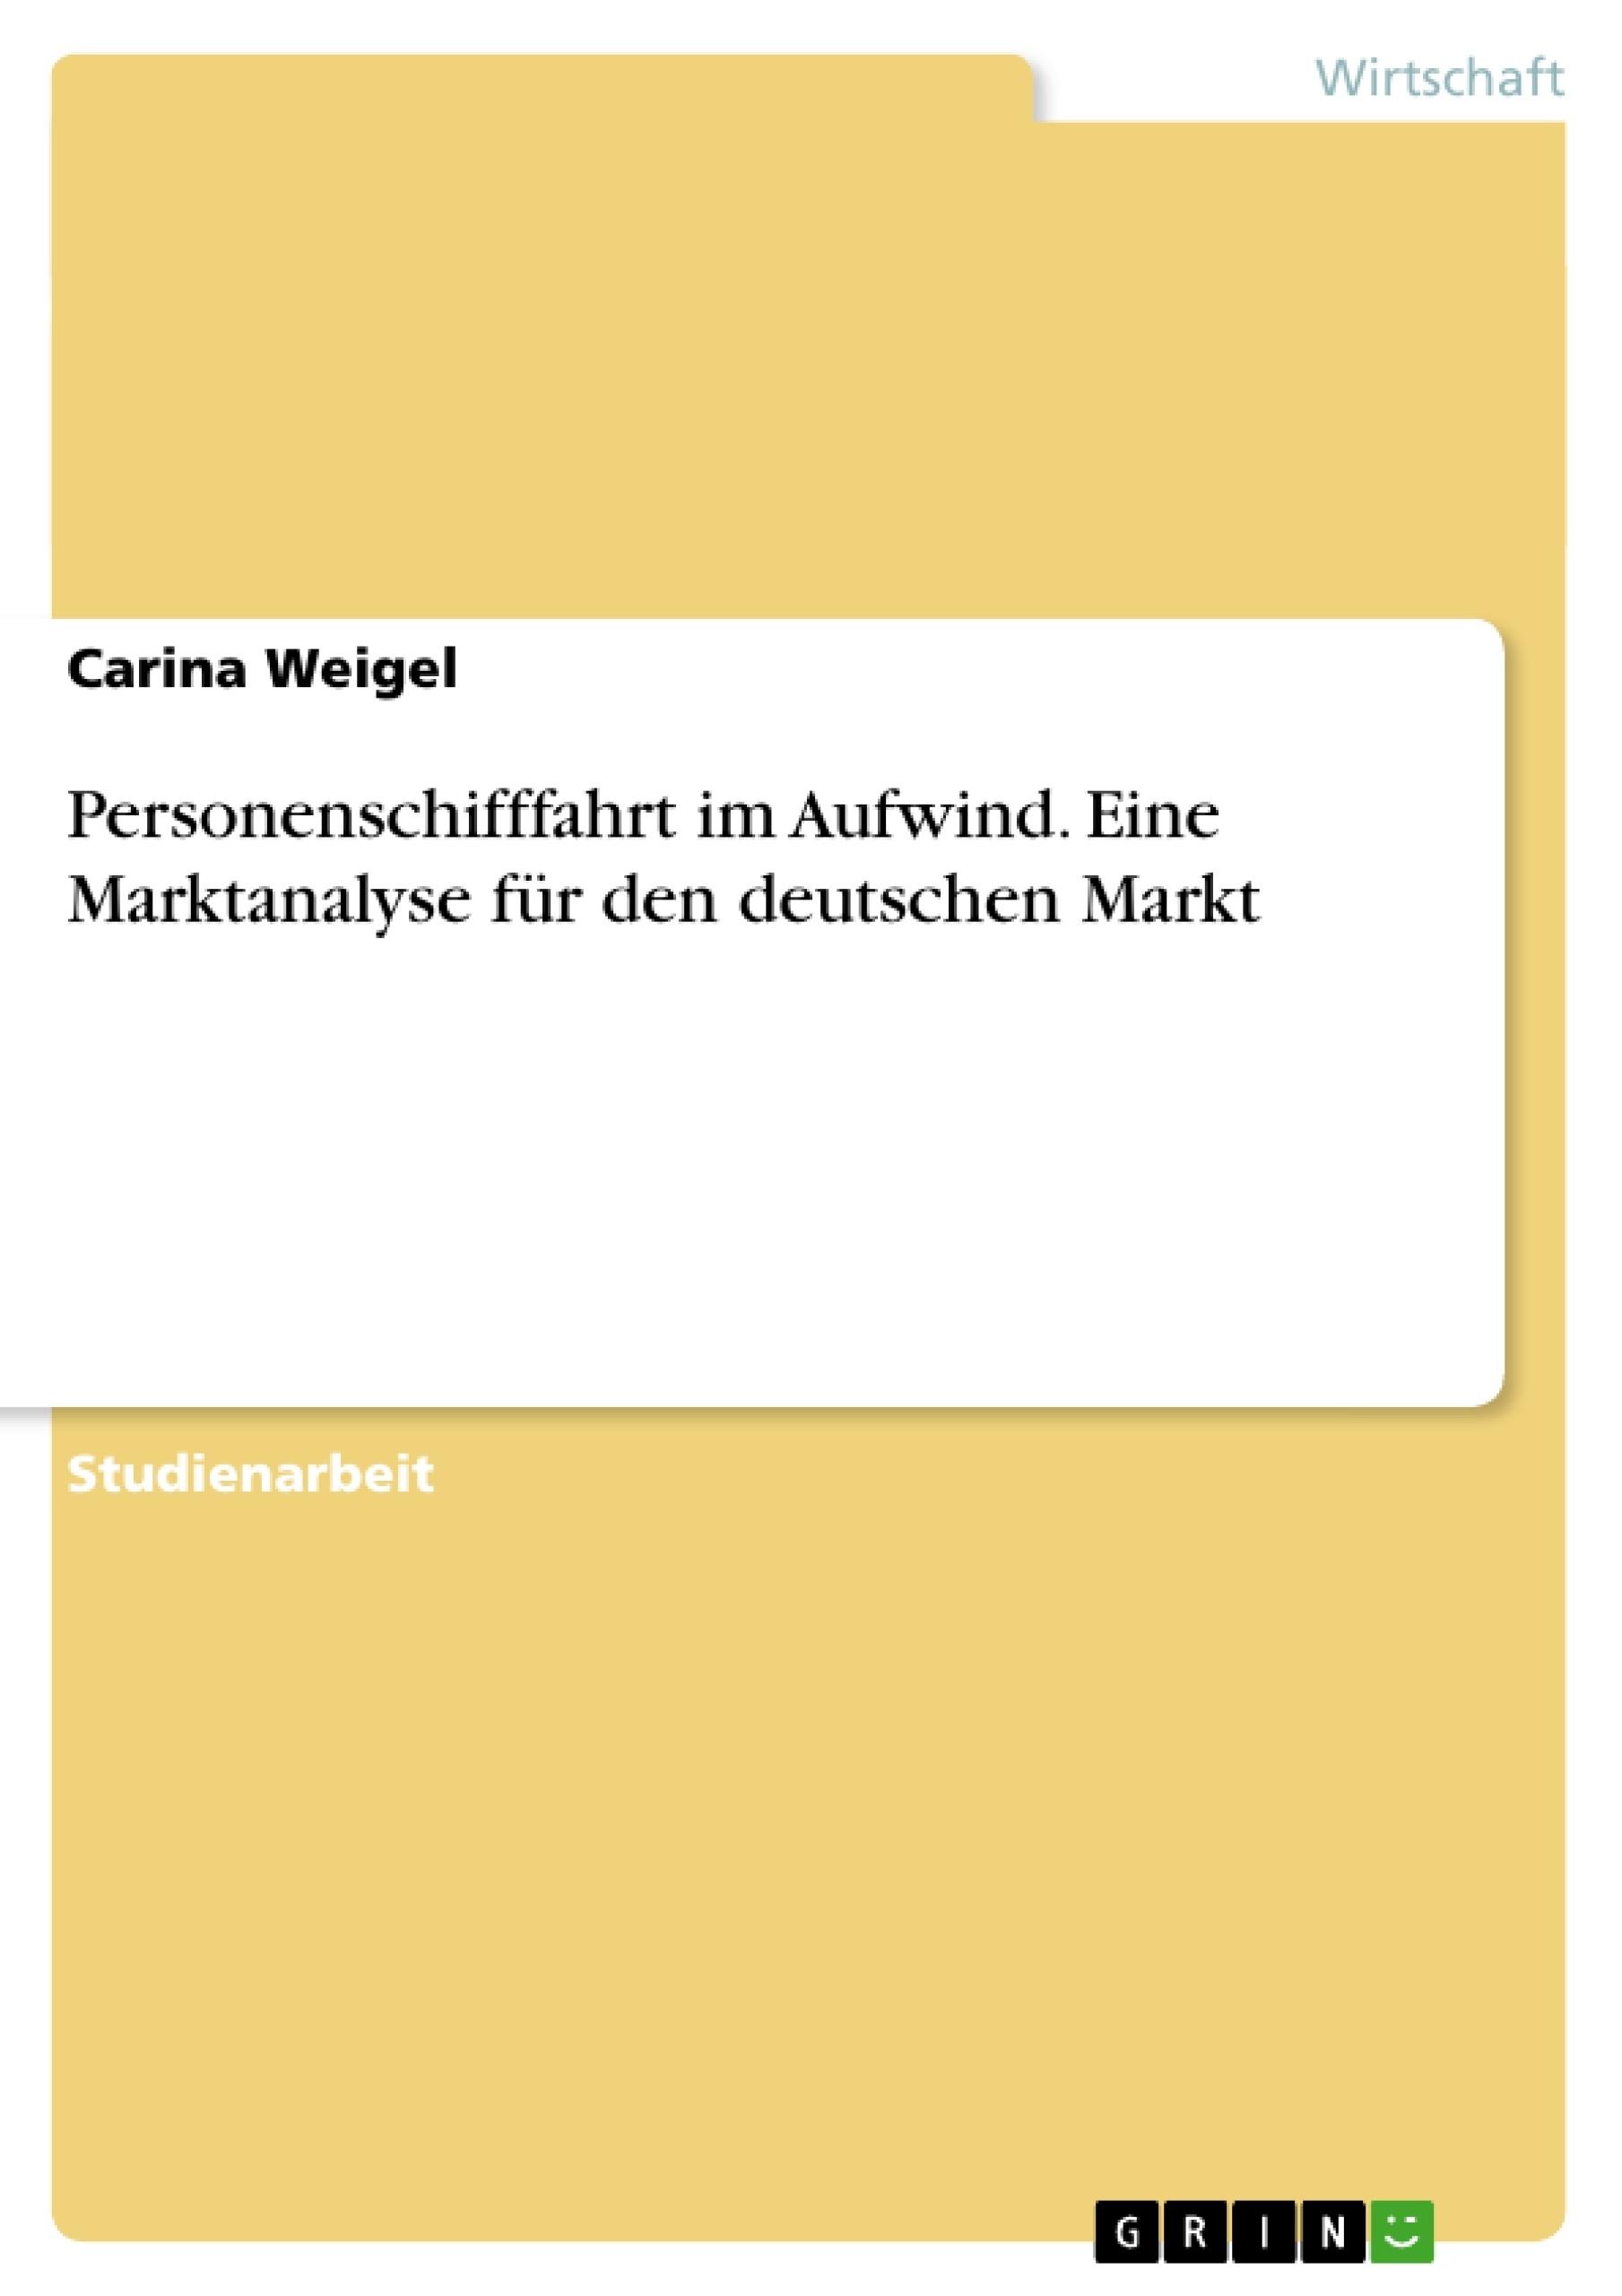 Titel: Personenschifffahrt im Aufwind. Eine Marktanalyse für den deutschen Markt